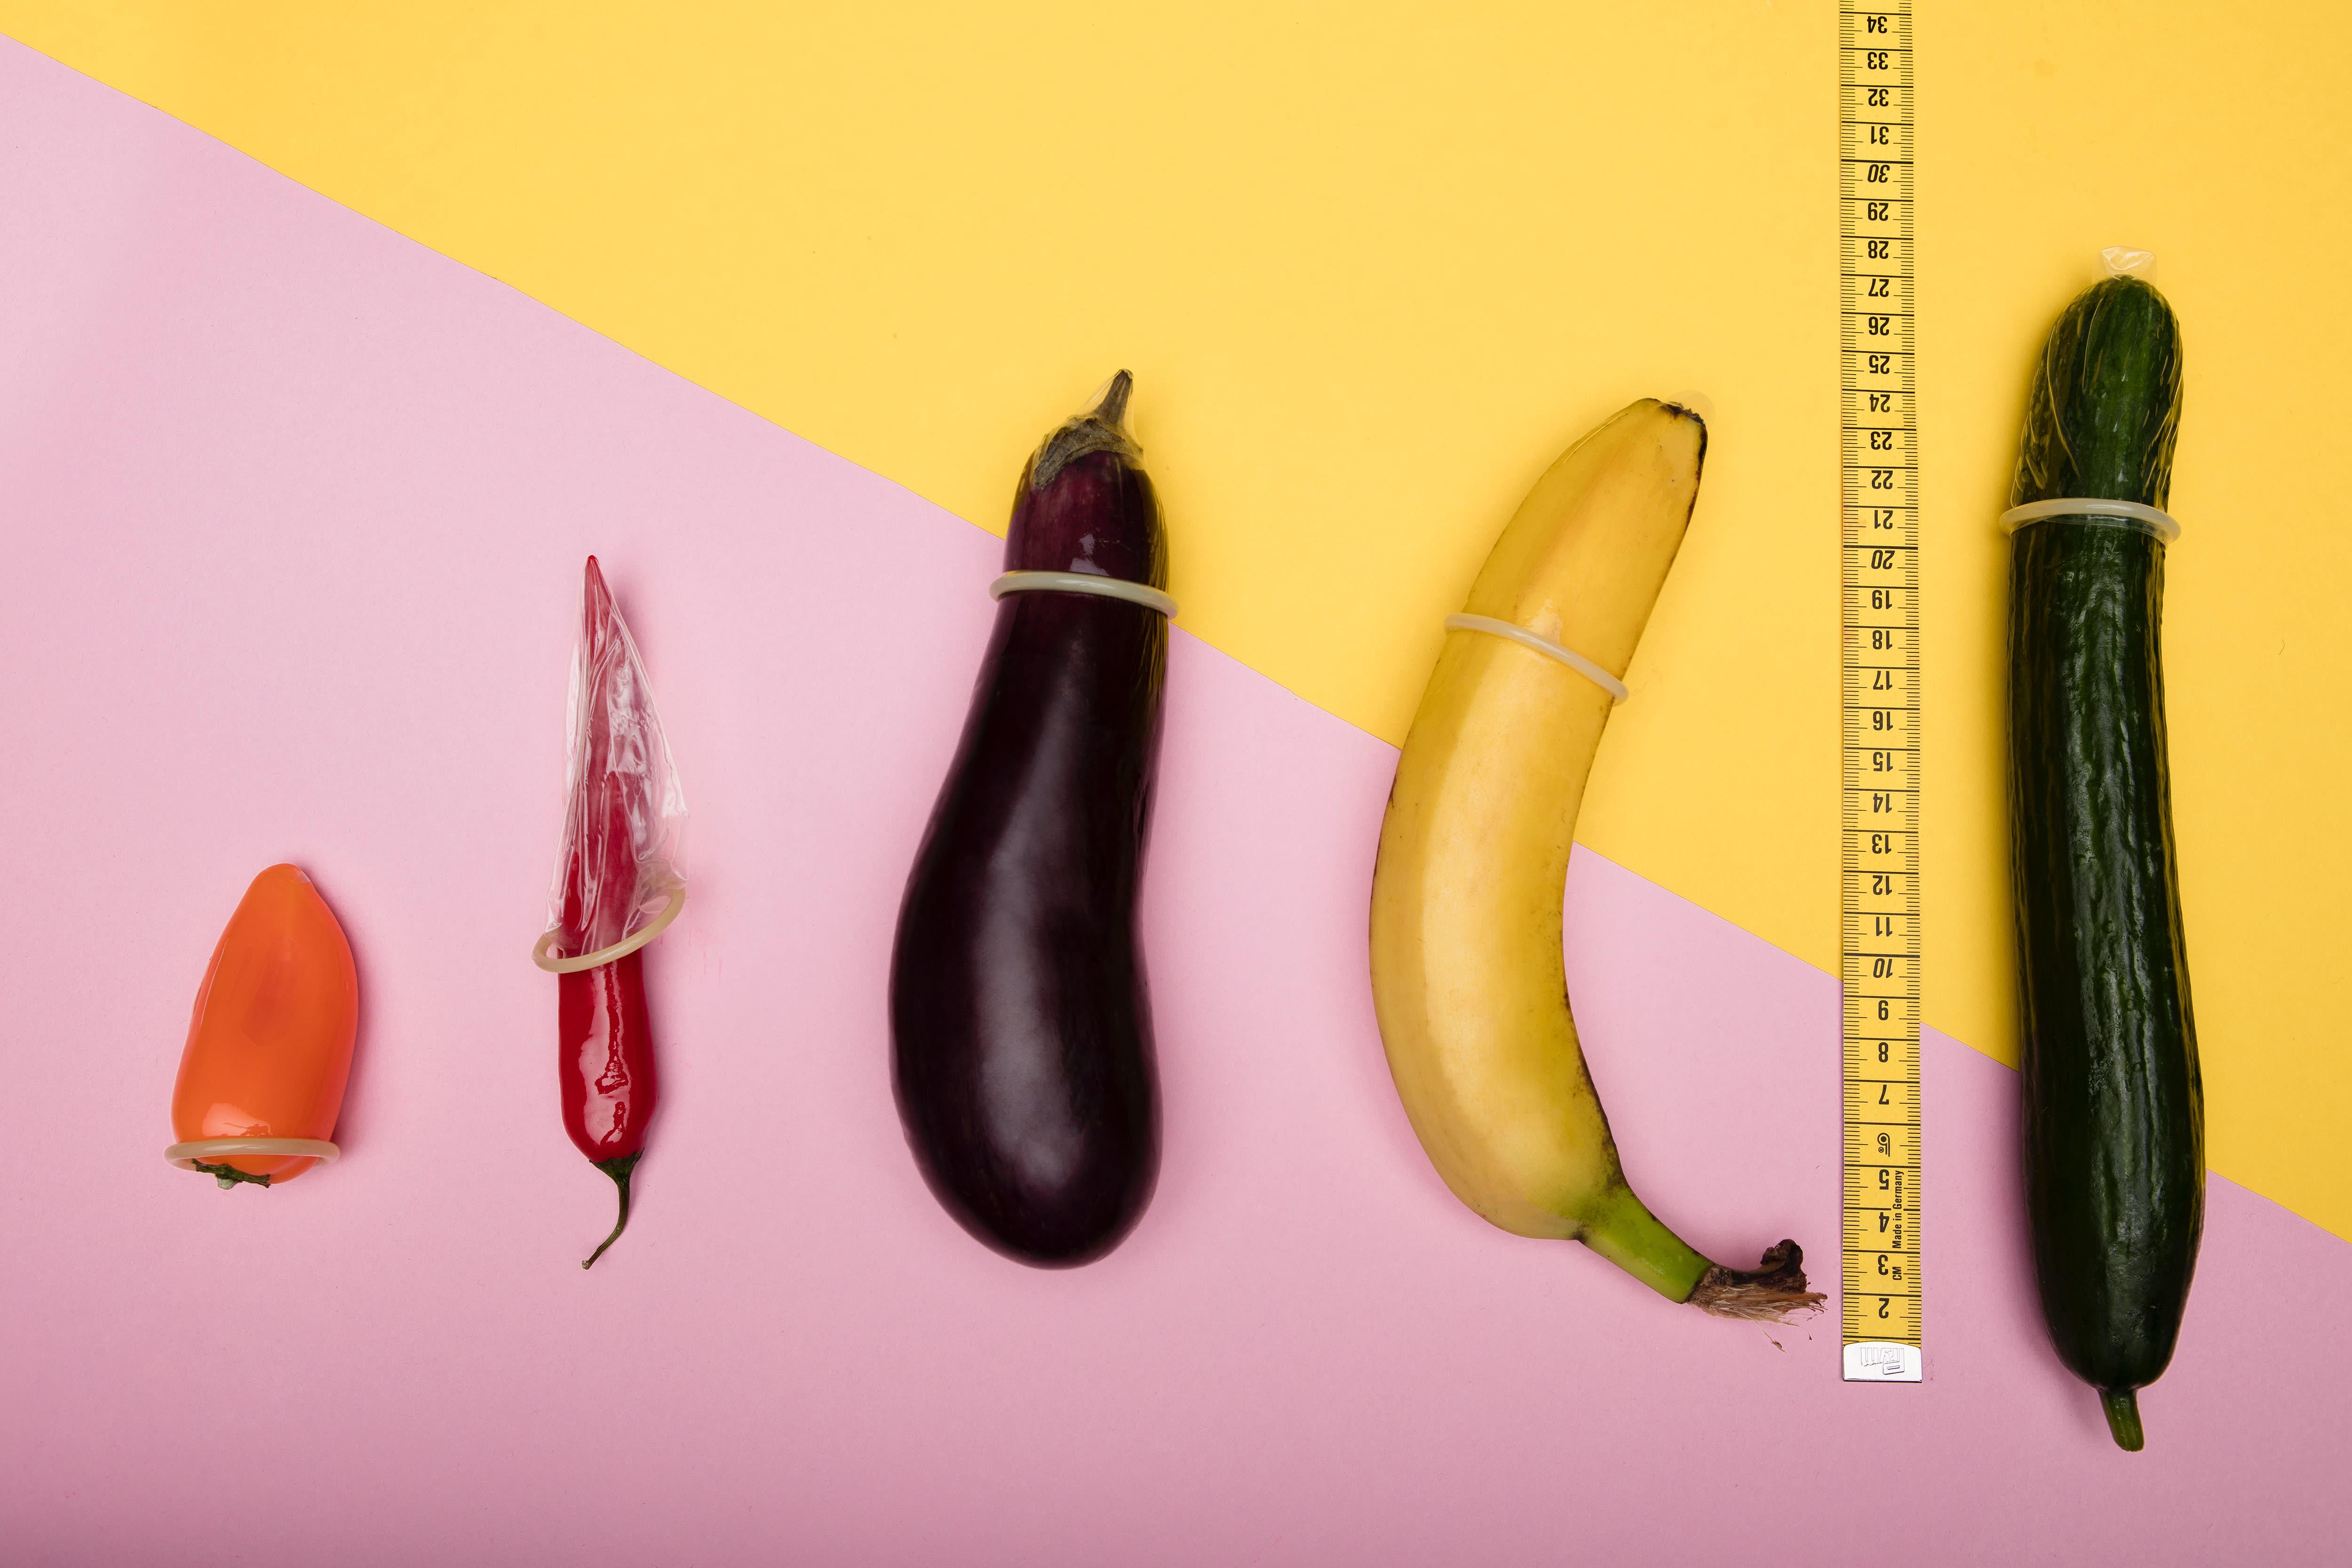 Vários legumes com camisinhas: berinjelas, pimentas, pepinos, bananas, e uma fita métrica no meio deles.